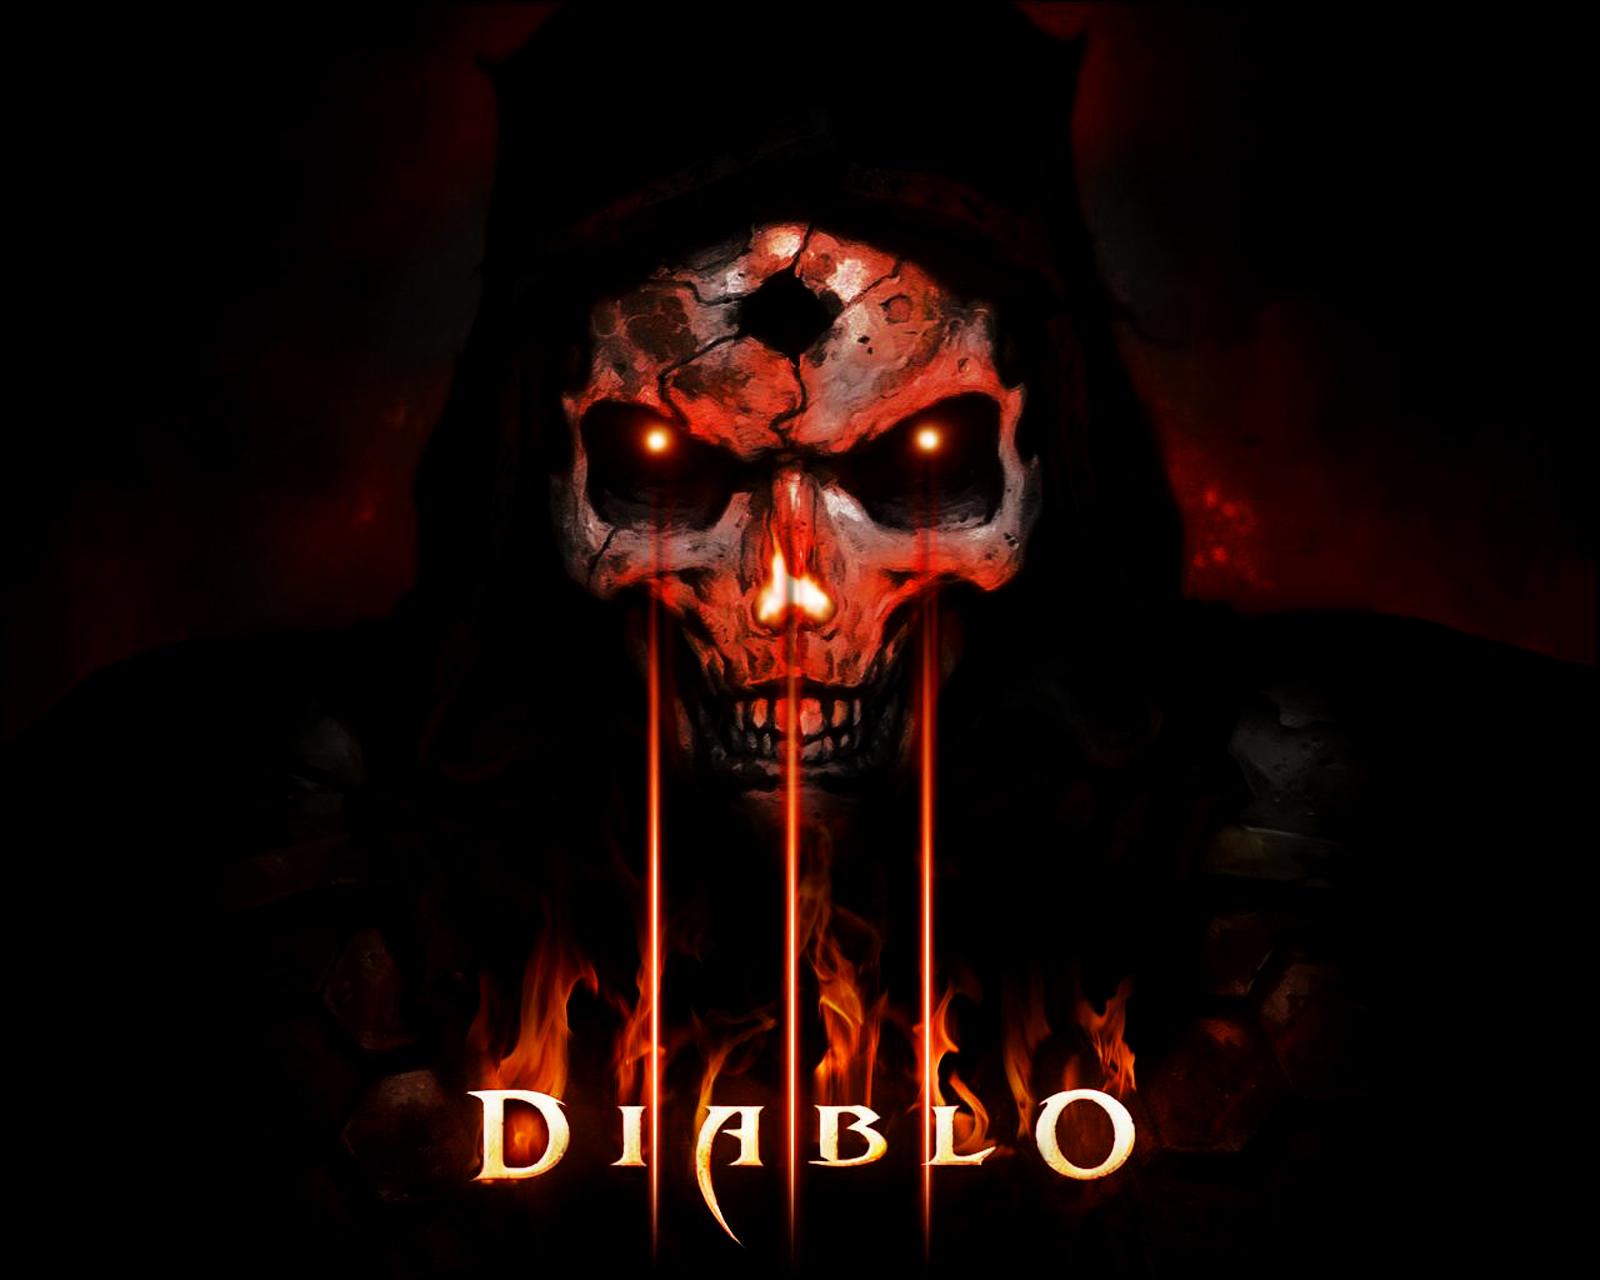 http://1.bp.blogspot.com/-_OrXYl6jyHQ/T03vWSzZs1I/AAAAAAAAAw8/qJzqq2pCUwg/s1600/Diablo_III_Smiling_Skull_HD_Game_Wallpaper-gWb.jpg